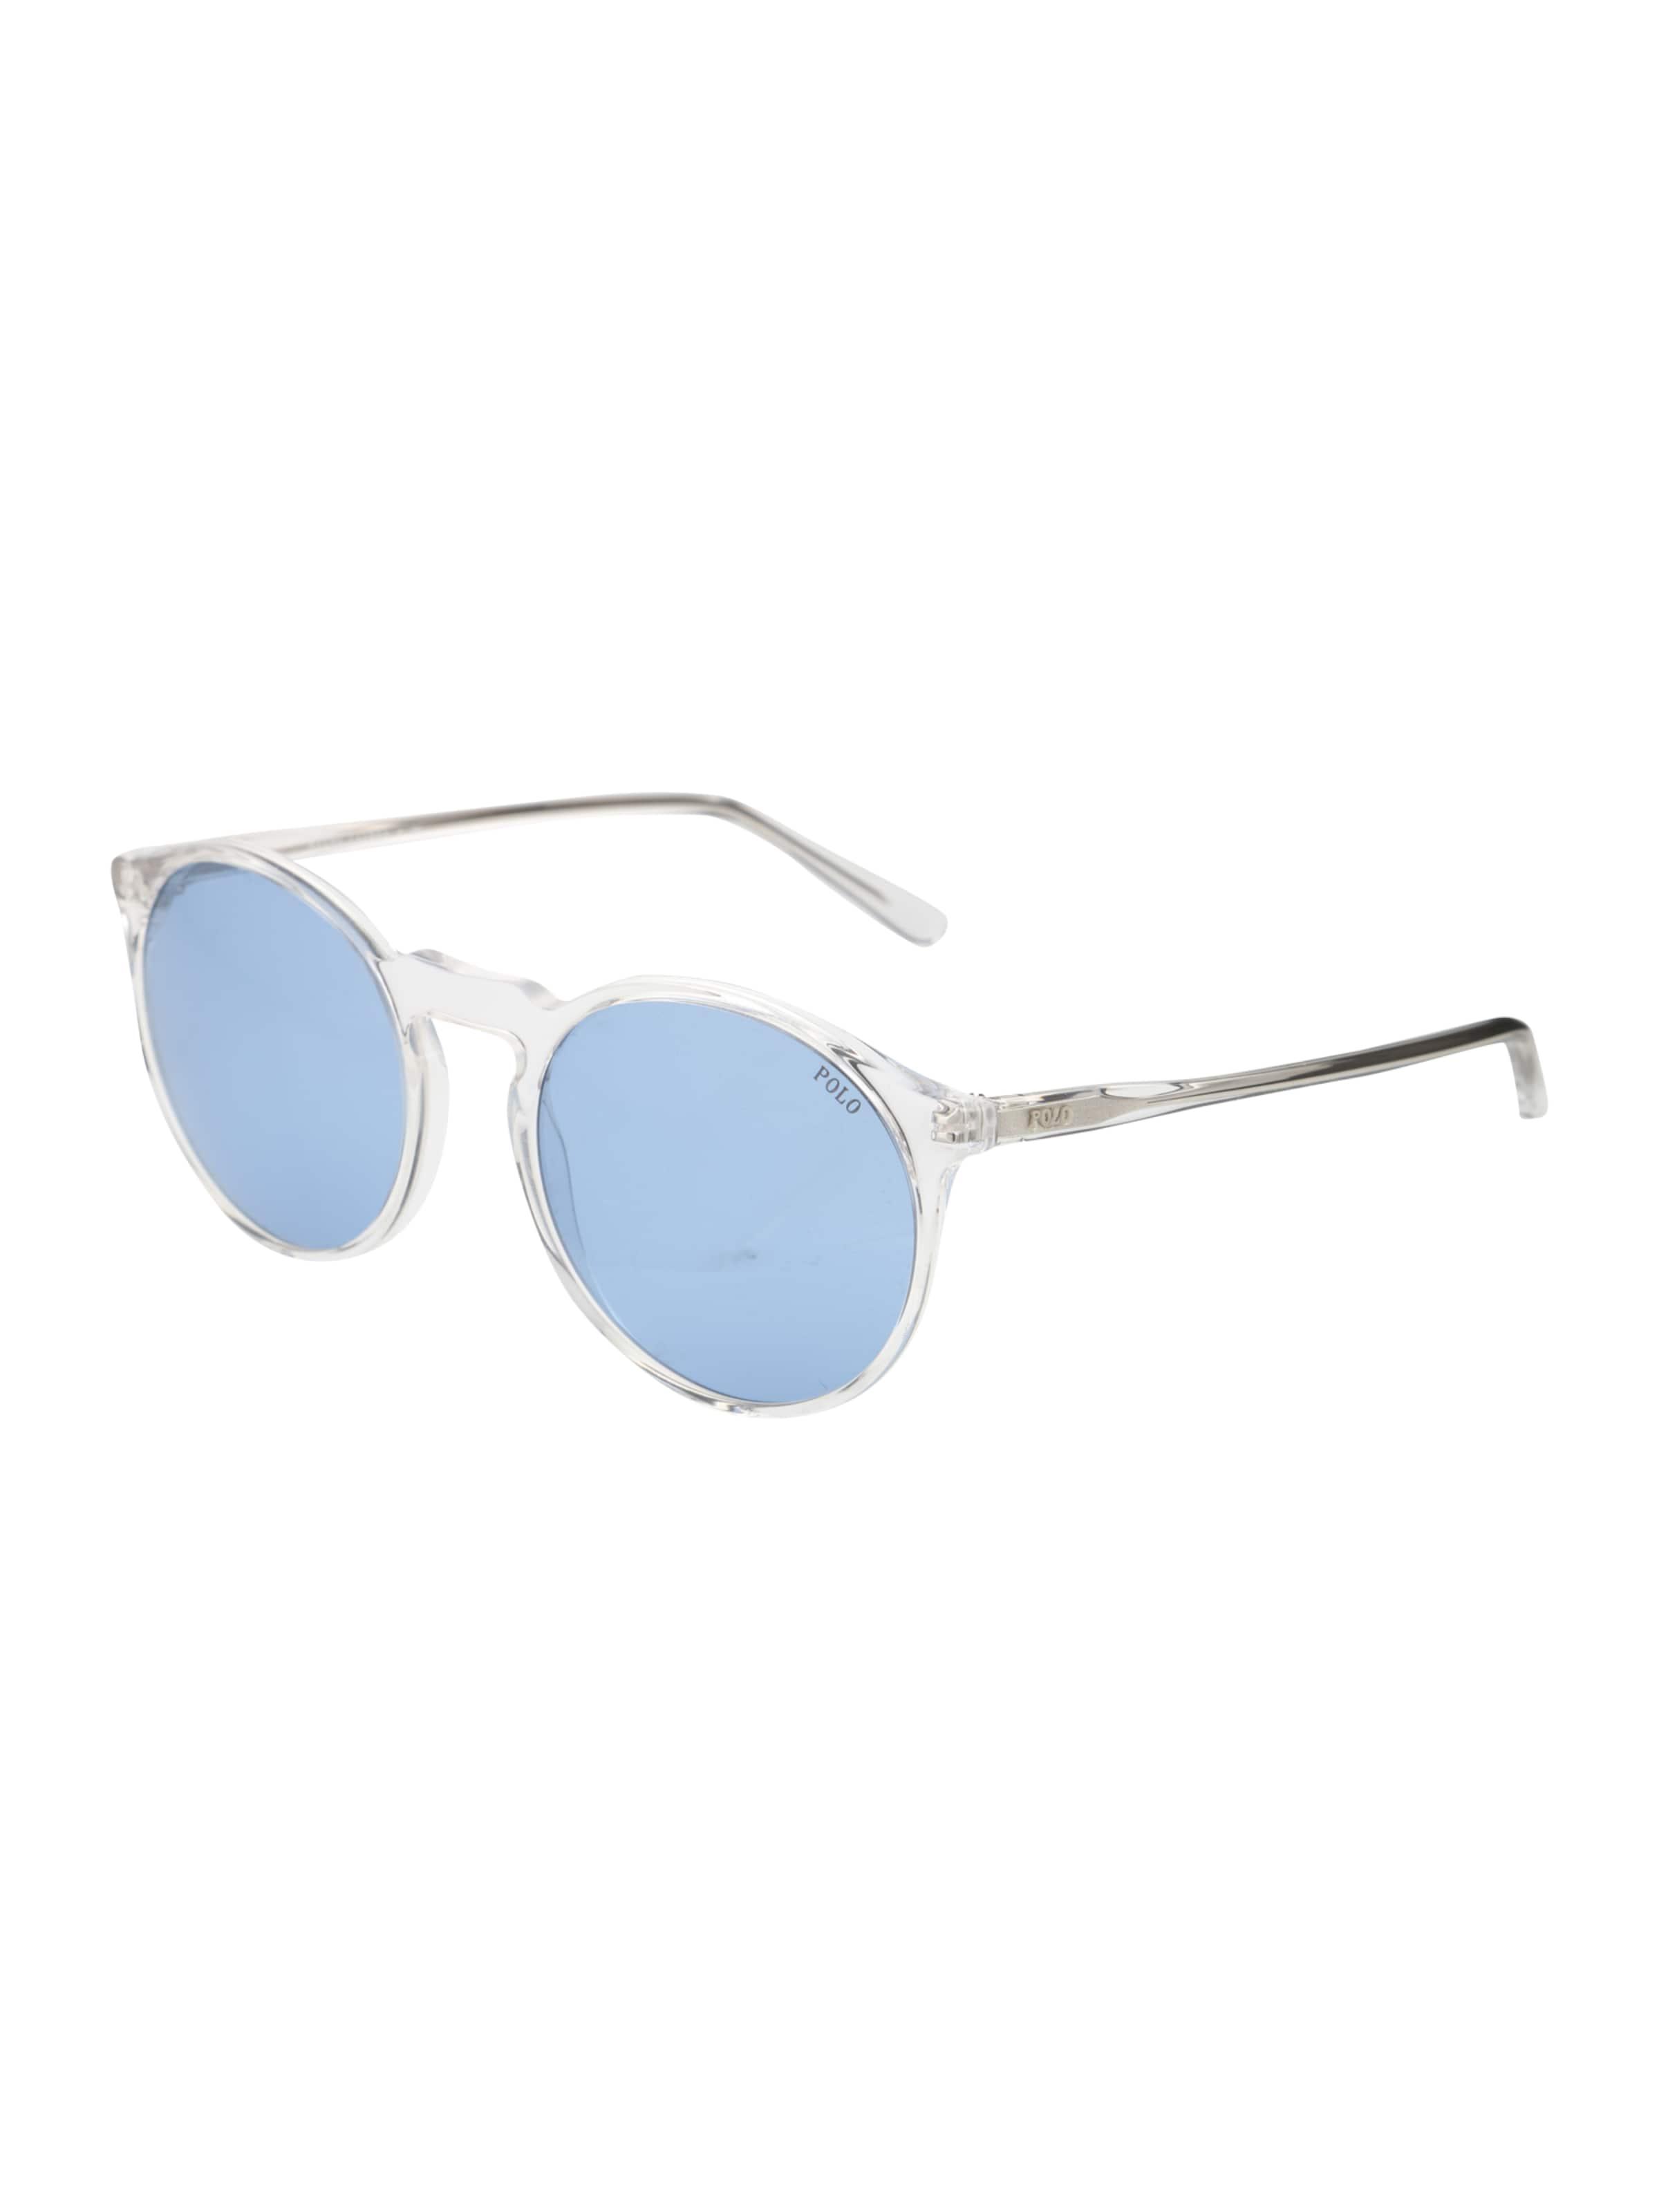 Freies Verschiffen Wirklich Viele Arten Von POLO RALPH LAUREN Casual Sonnenbrille mit Panto-Gestell Billig Erstaunlicher Preis Online Einkaufen Billig Verkauf Zahlung Mit Visa L6SOumMgh